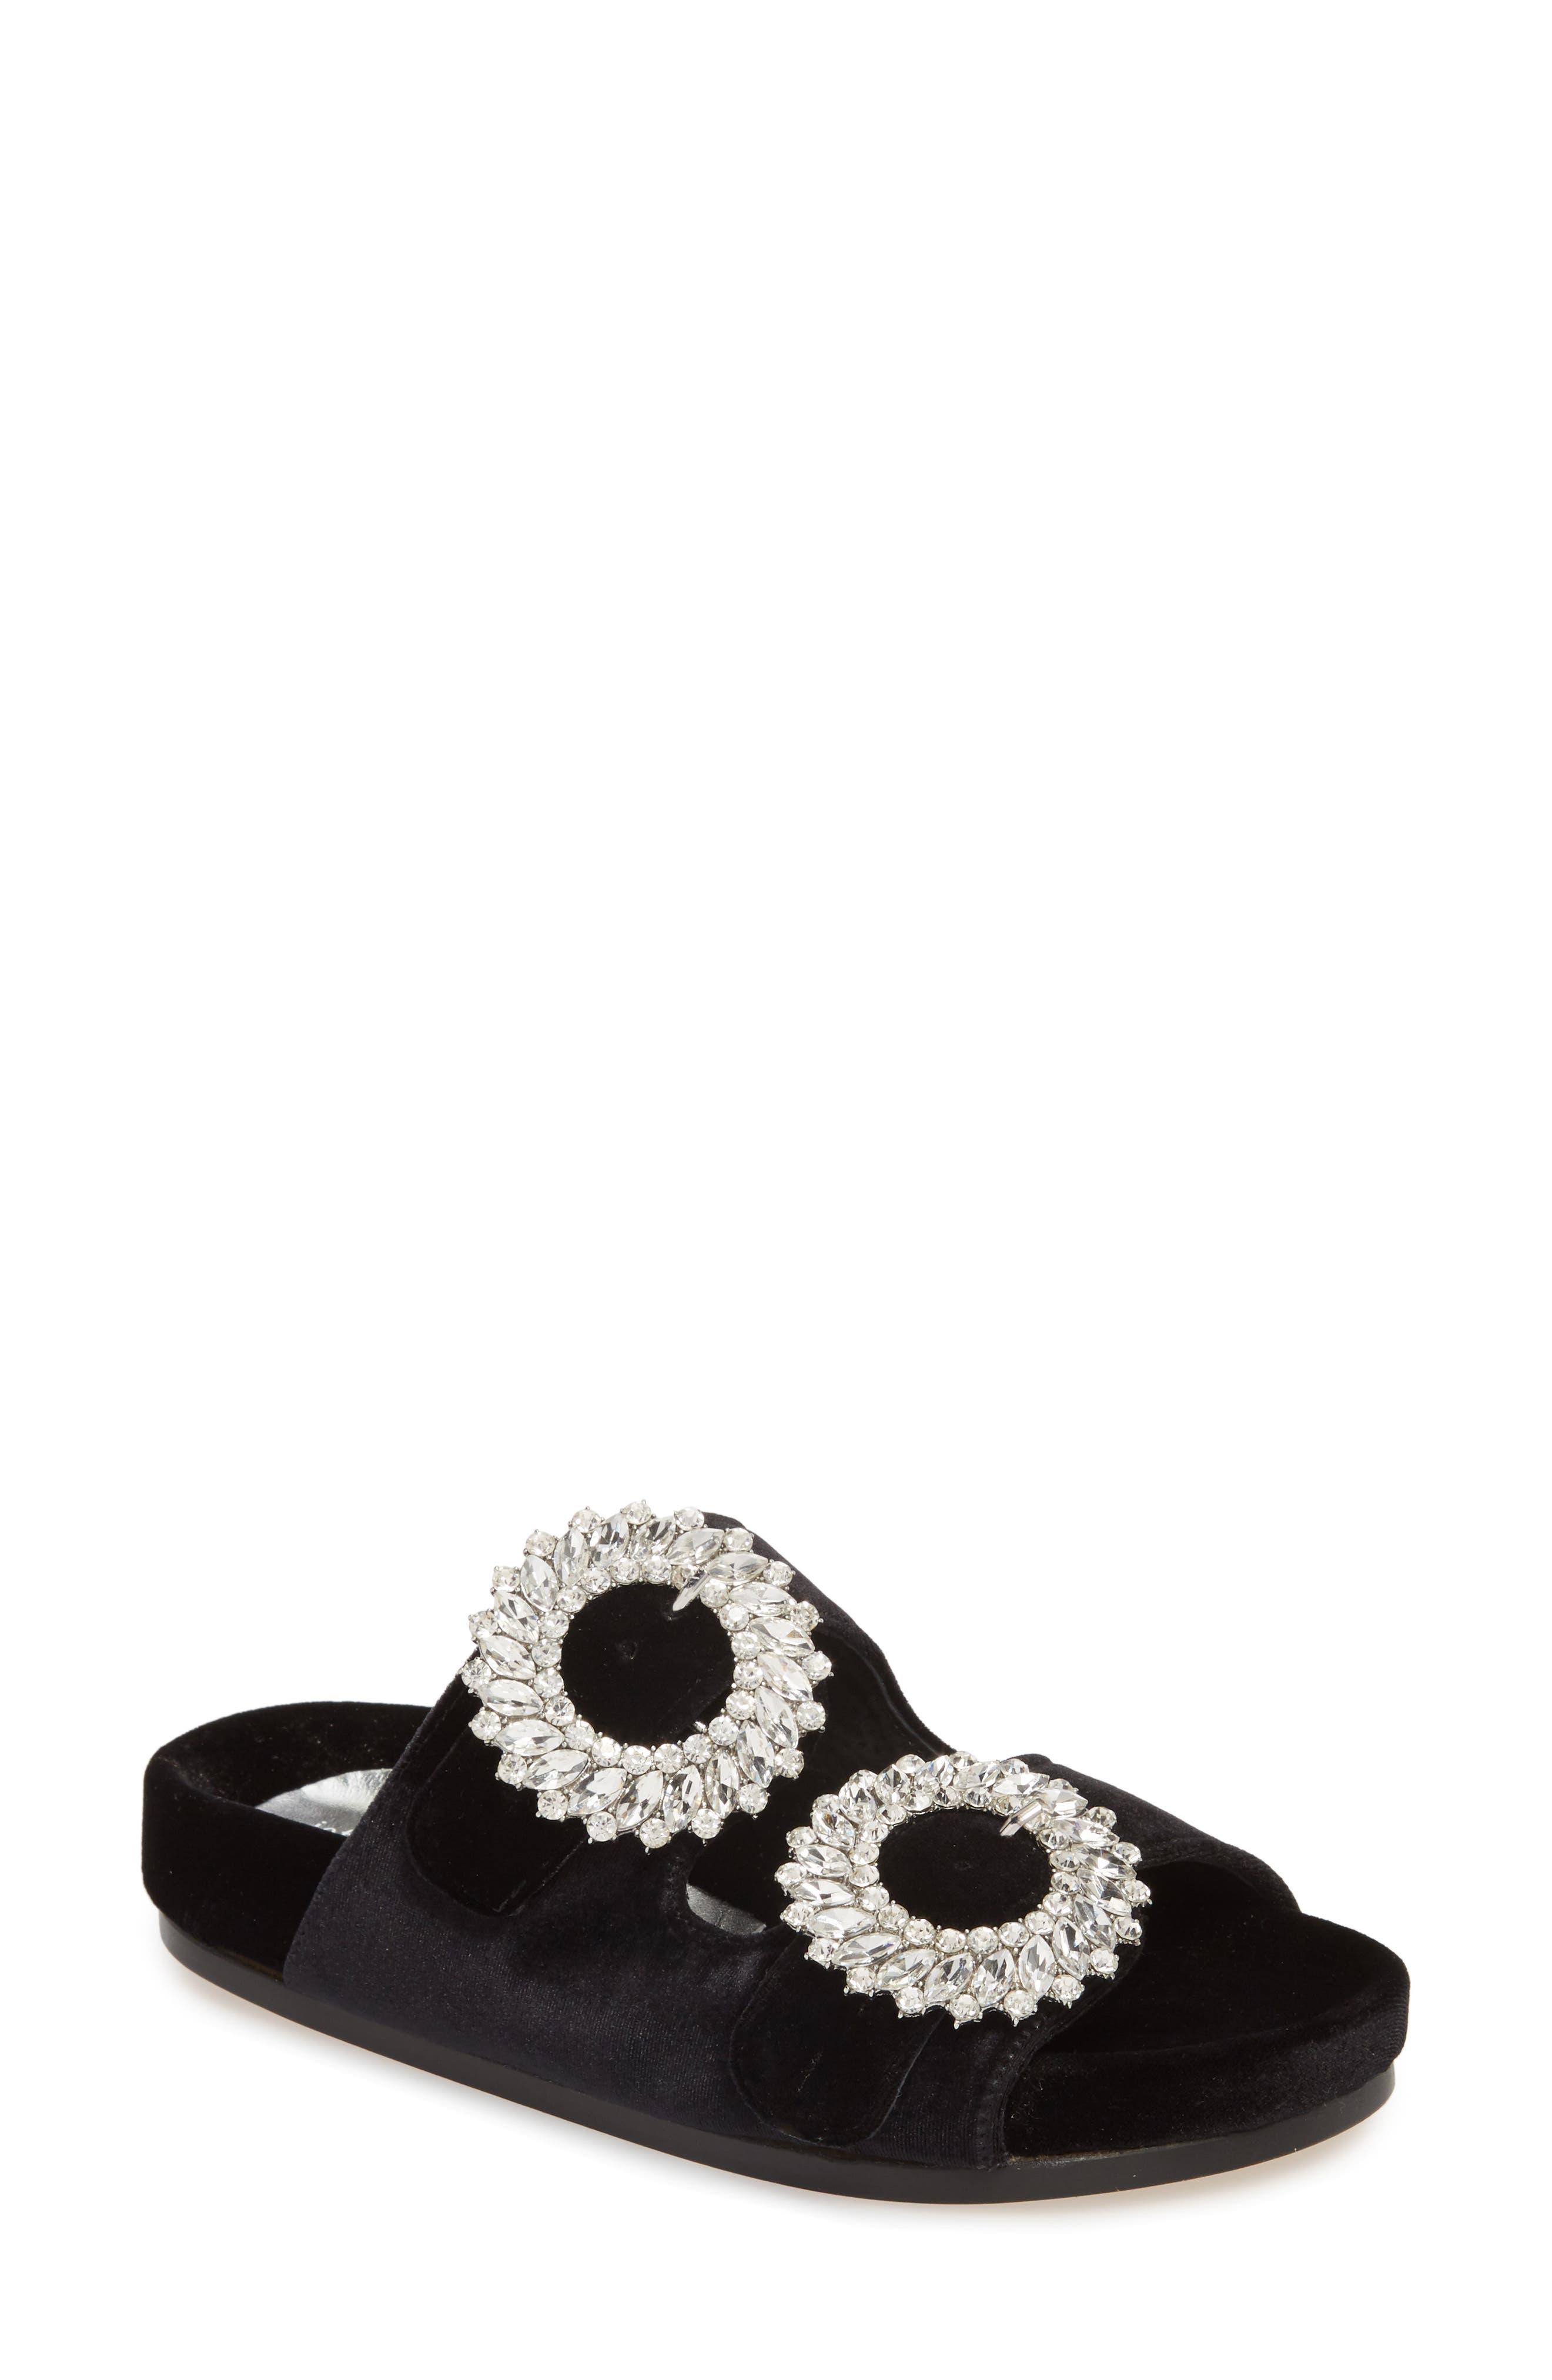 JEFFREY CAMPBELL Izaro Embellished Slide Sandal, Main, color, 040